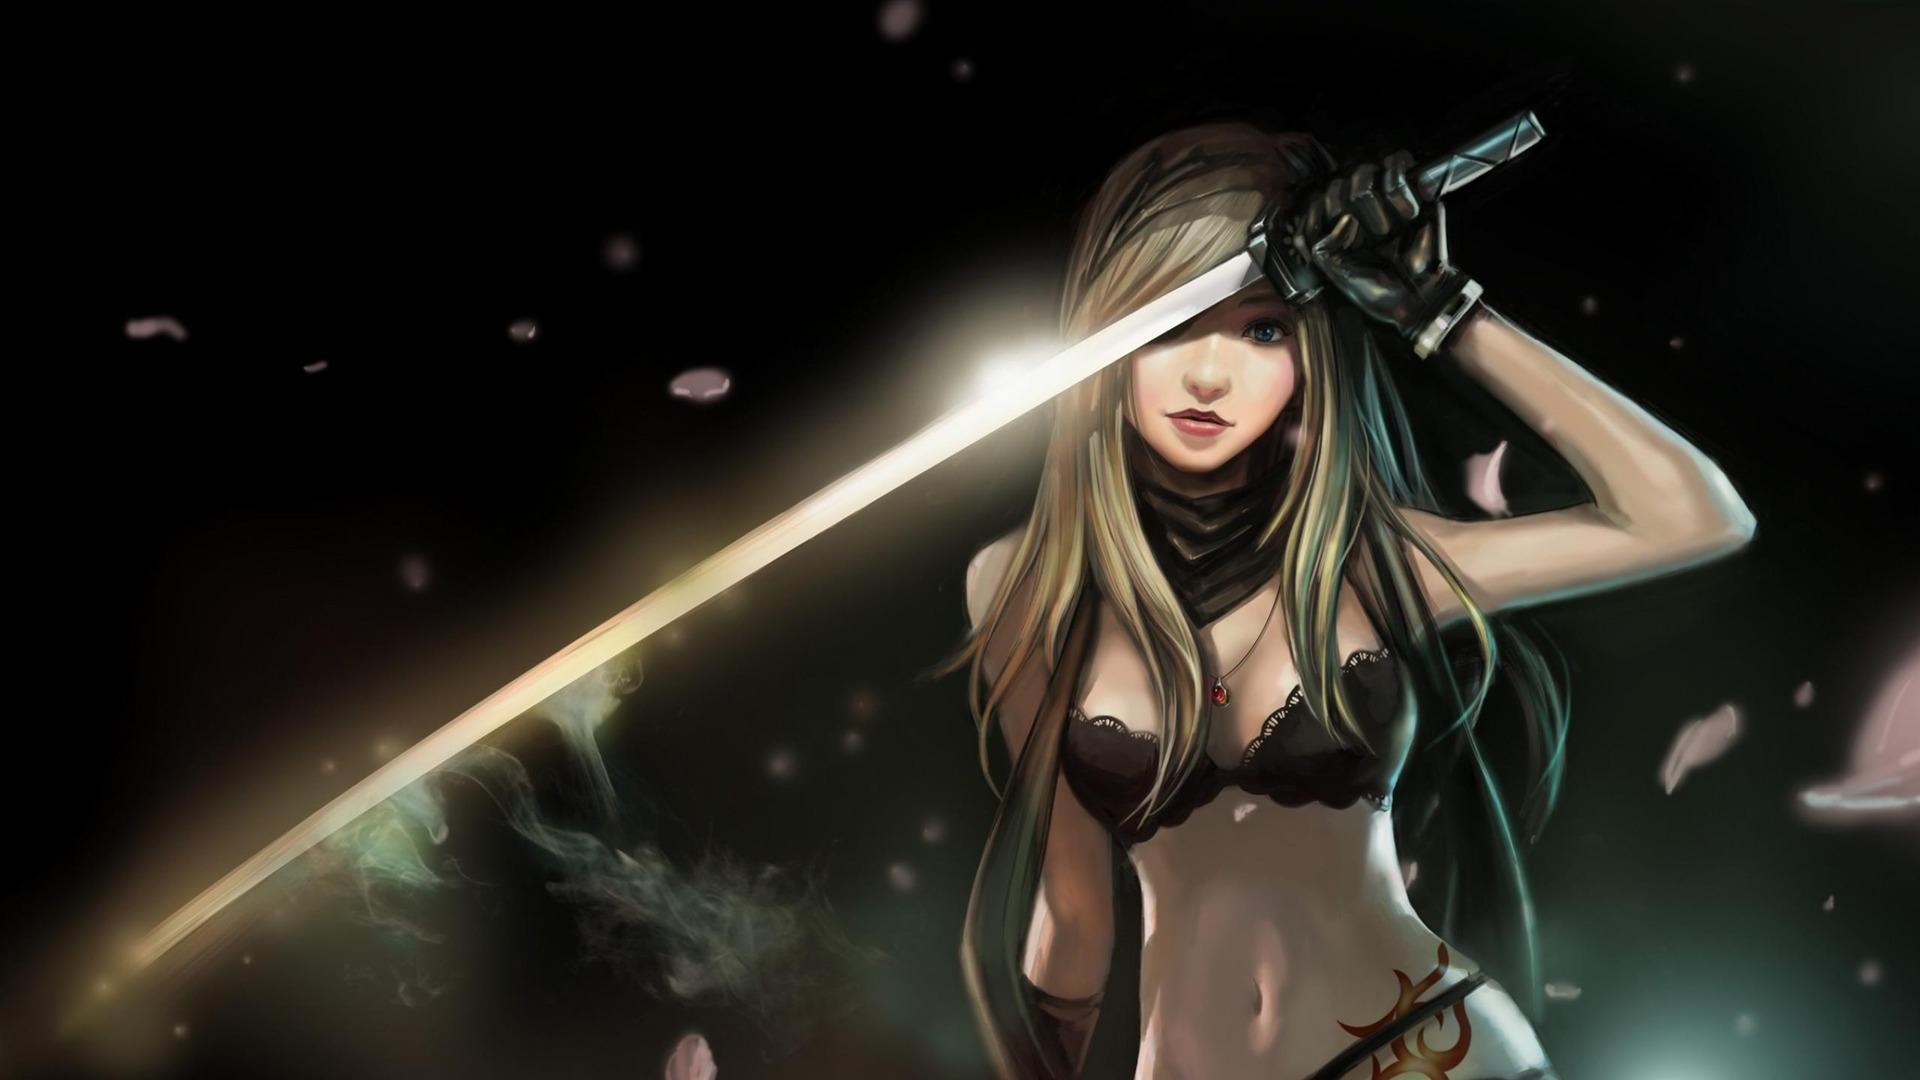 女孩与1武士刀-动漫人物壁纸